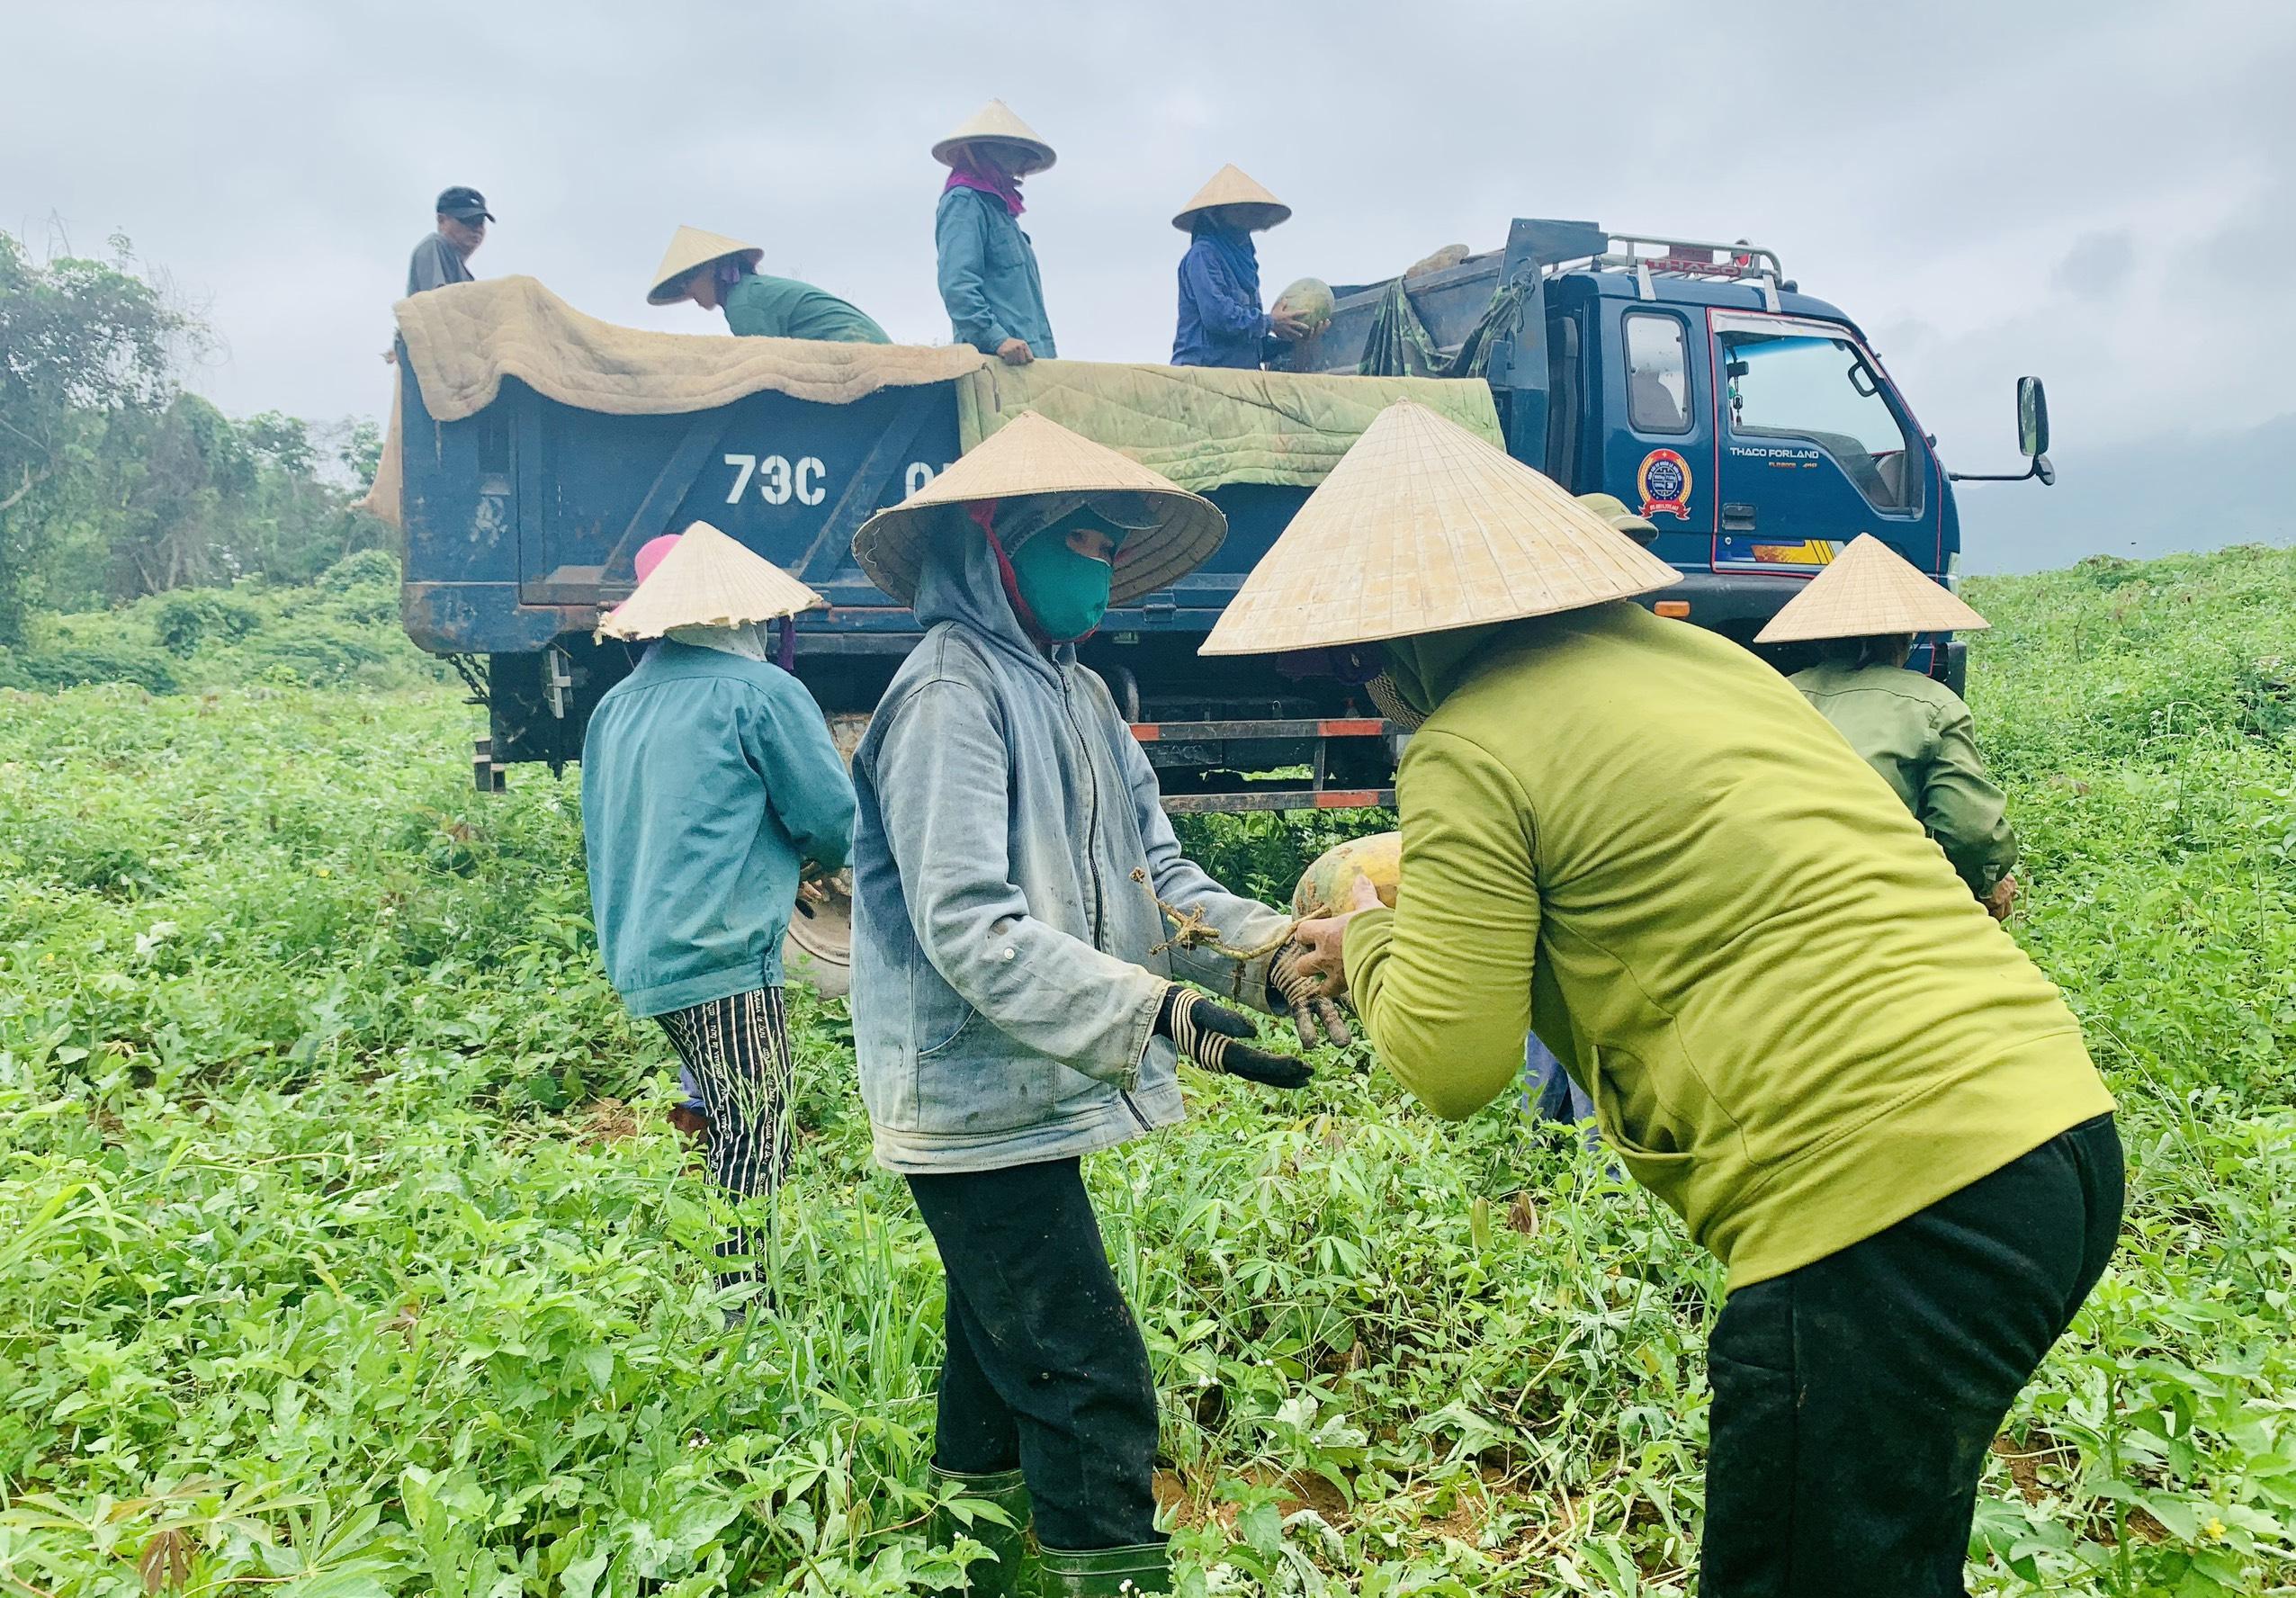 Quảng Bình: Dưa hấu cho quả to, nông dân đánh xe ô tô ra đồng thu hái - Ảnh 3.